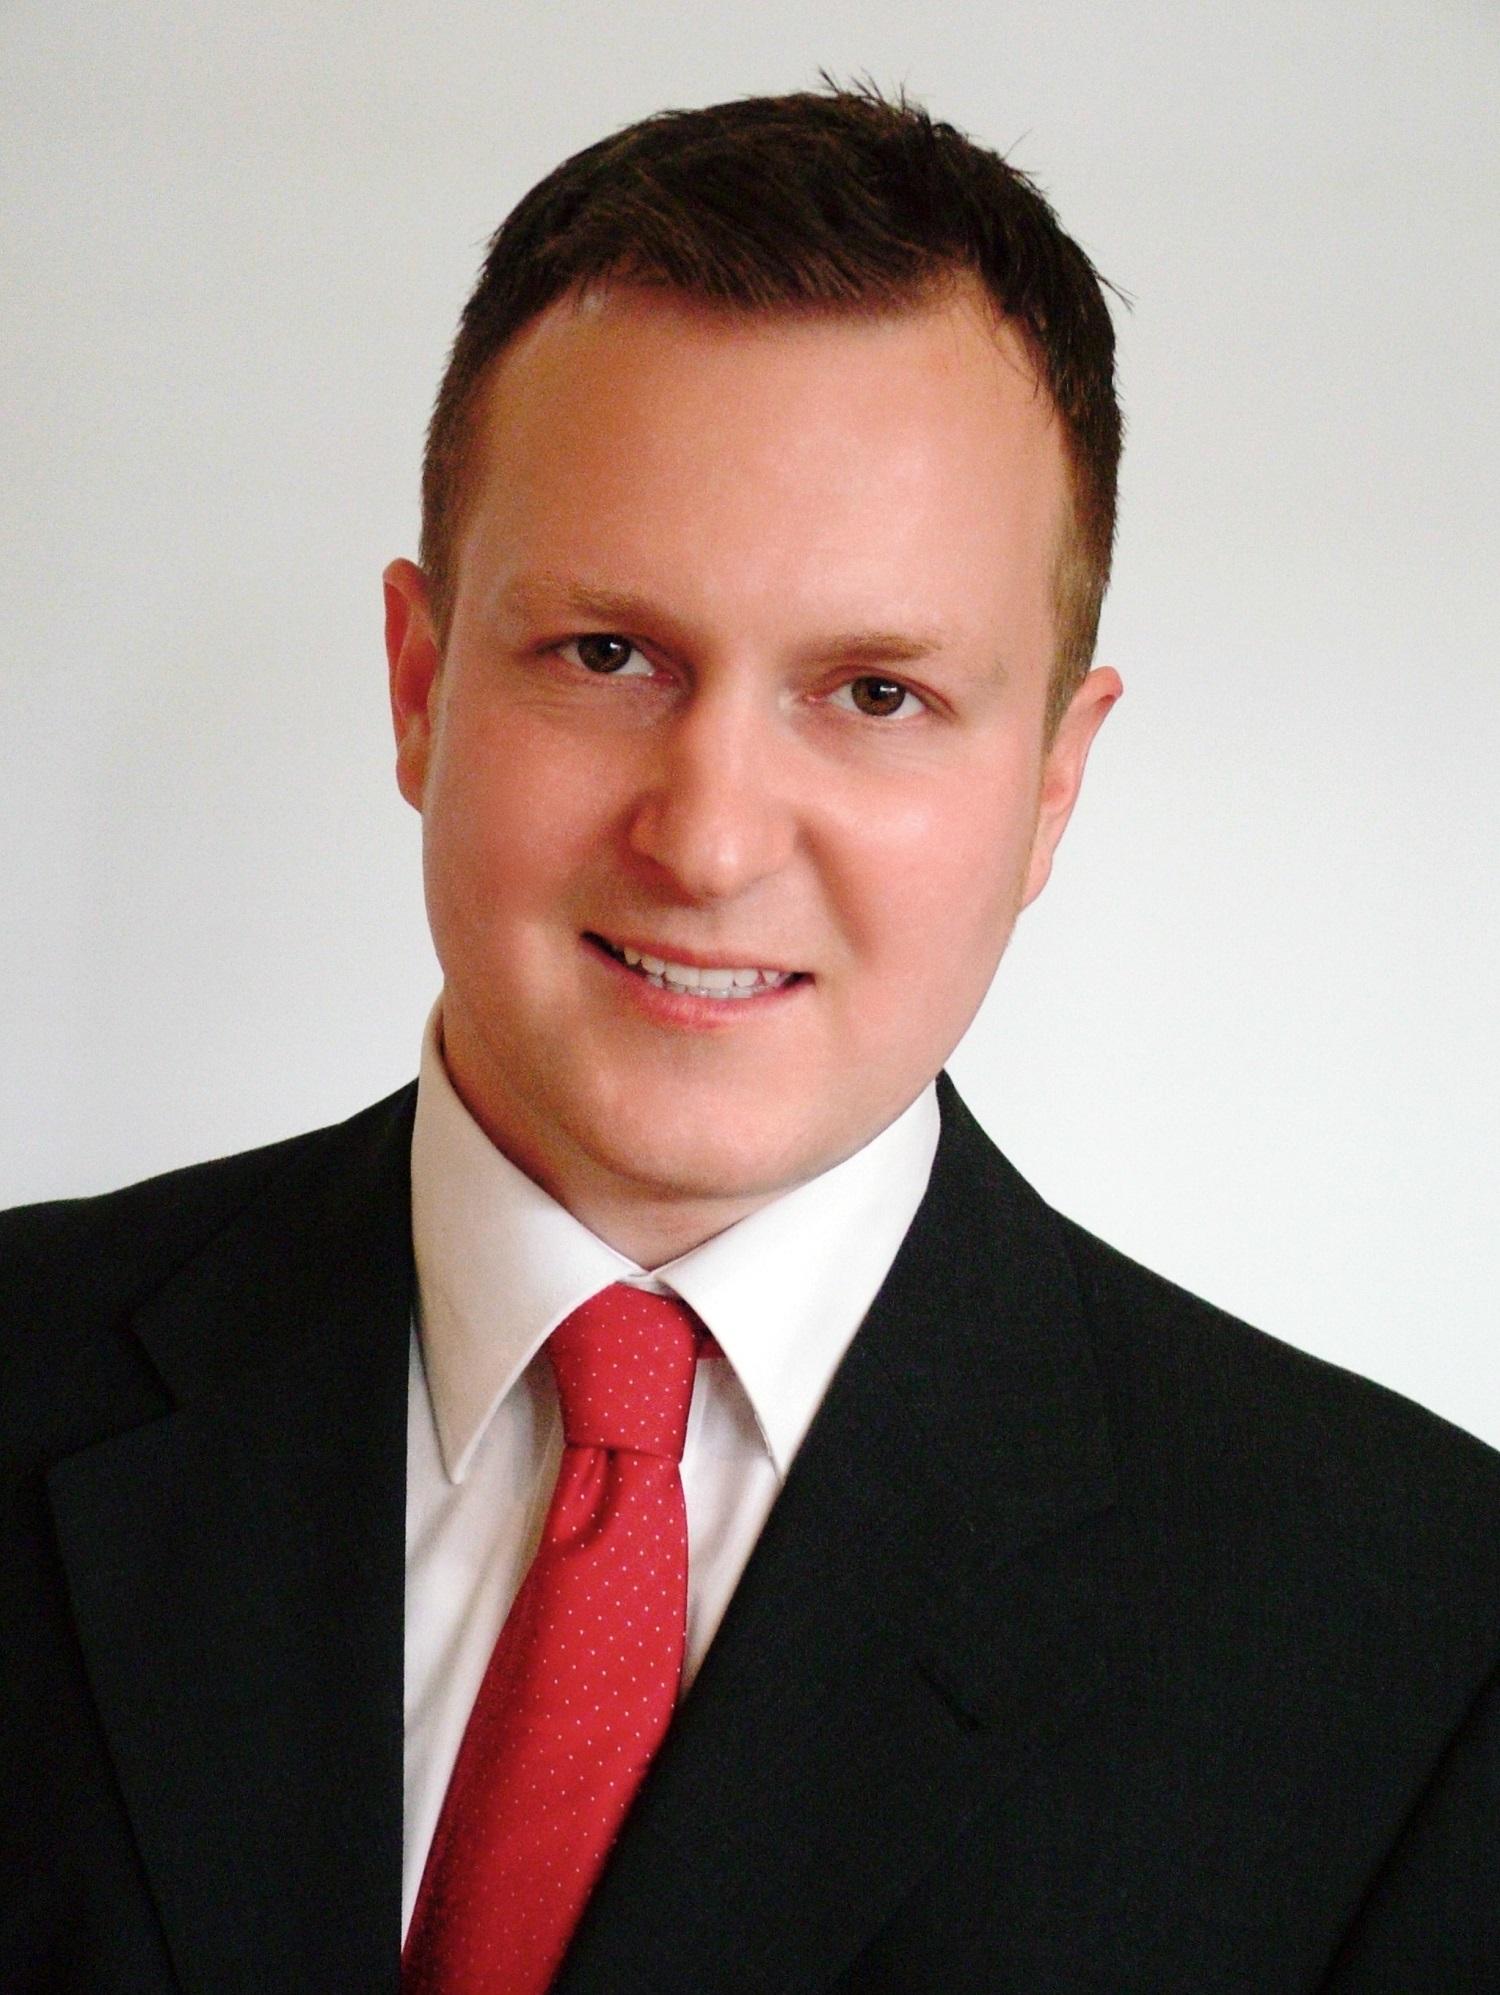 Robert Tauscher, Immobilienmakler (IHK)